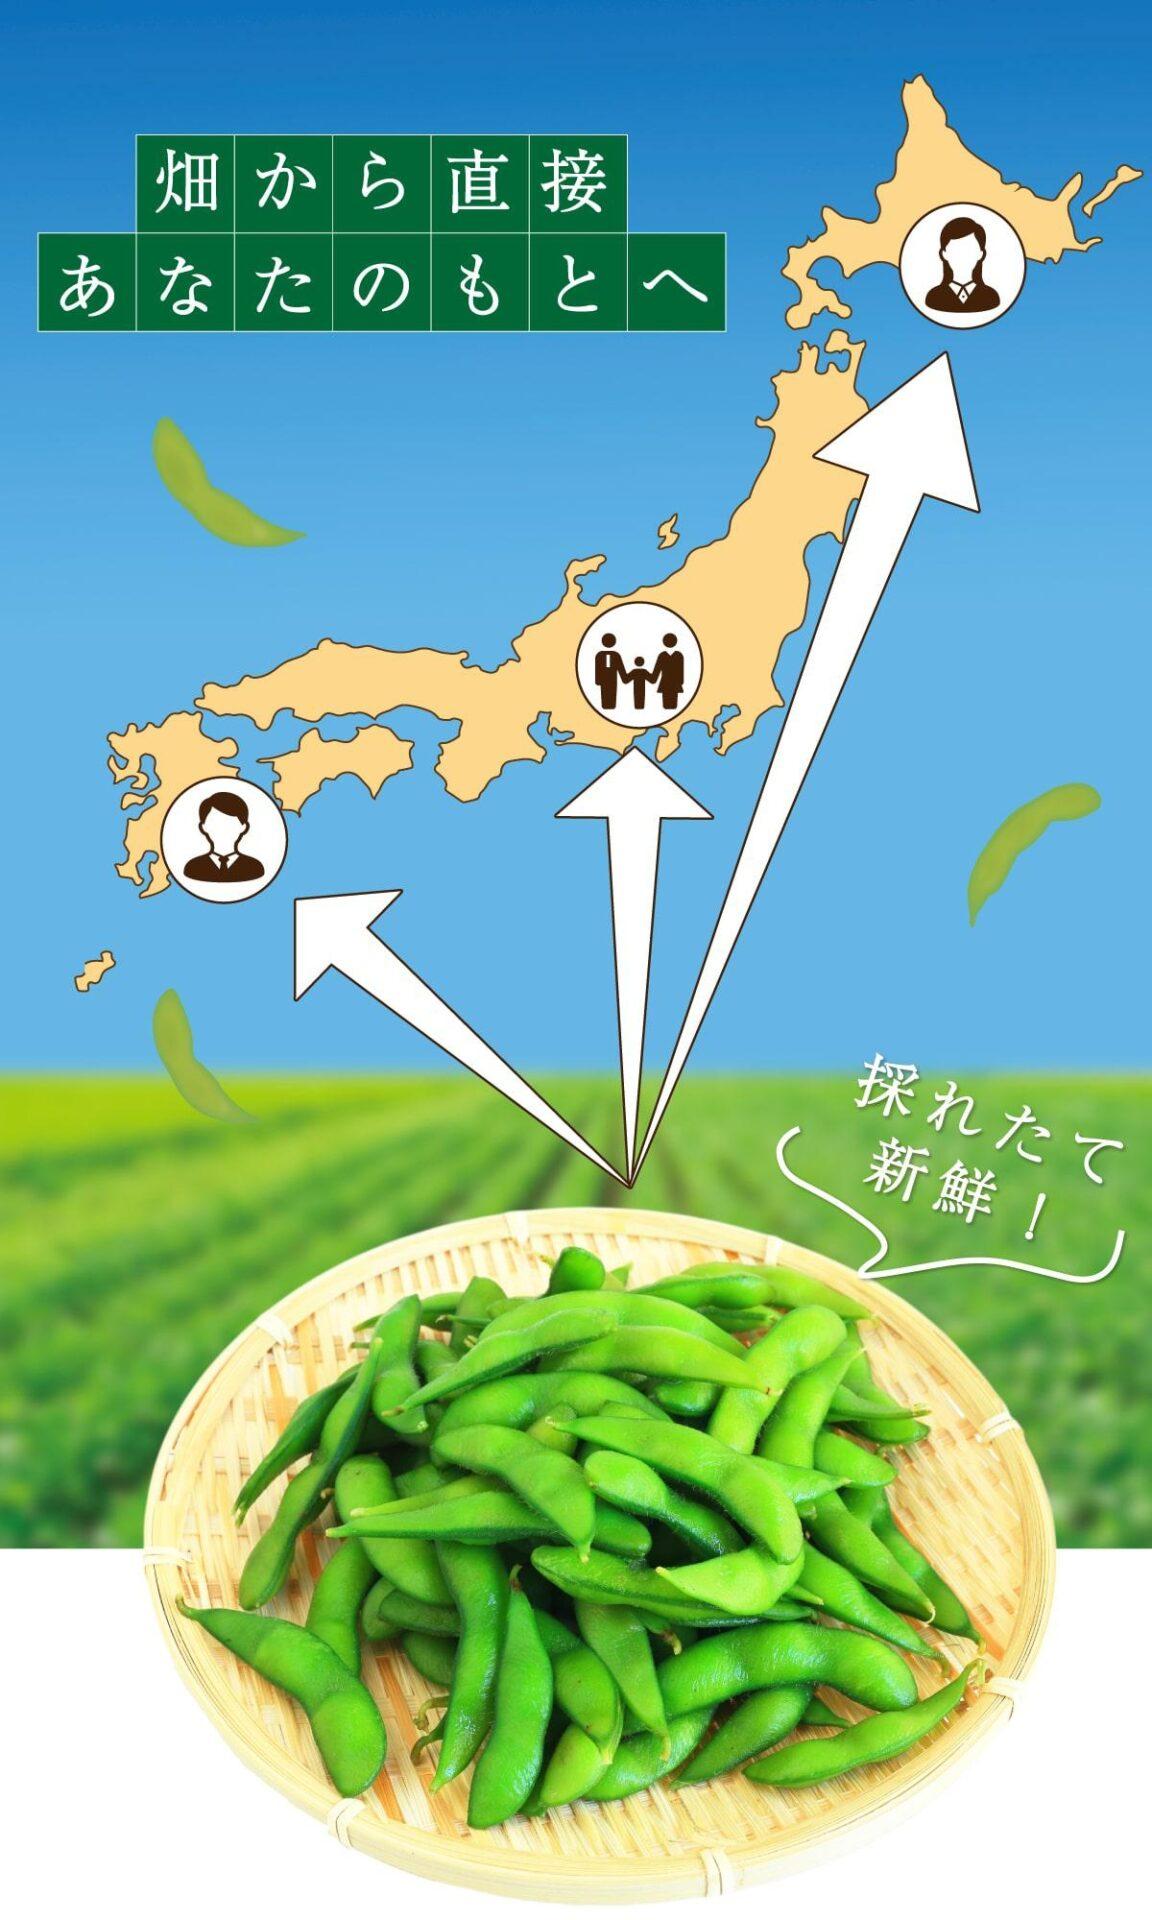 美味しい国産枝豆の通販